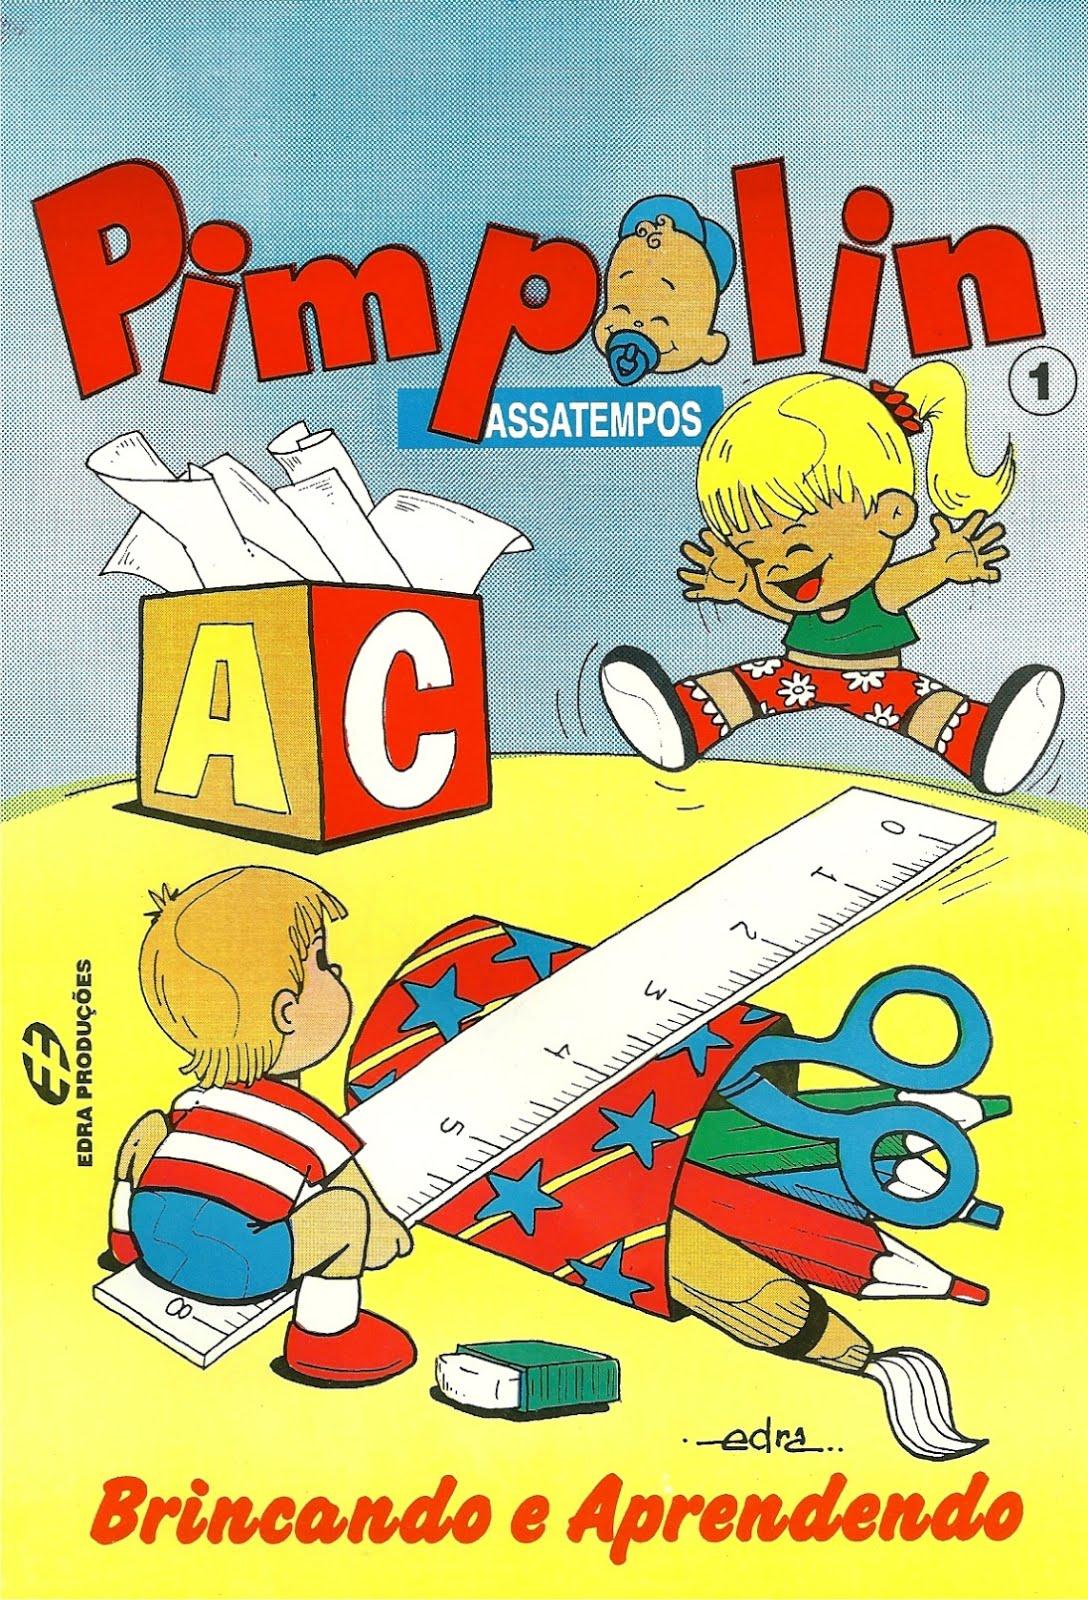 OUTRAS PUBLICAÇÕES: Pimpolin